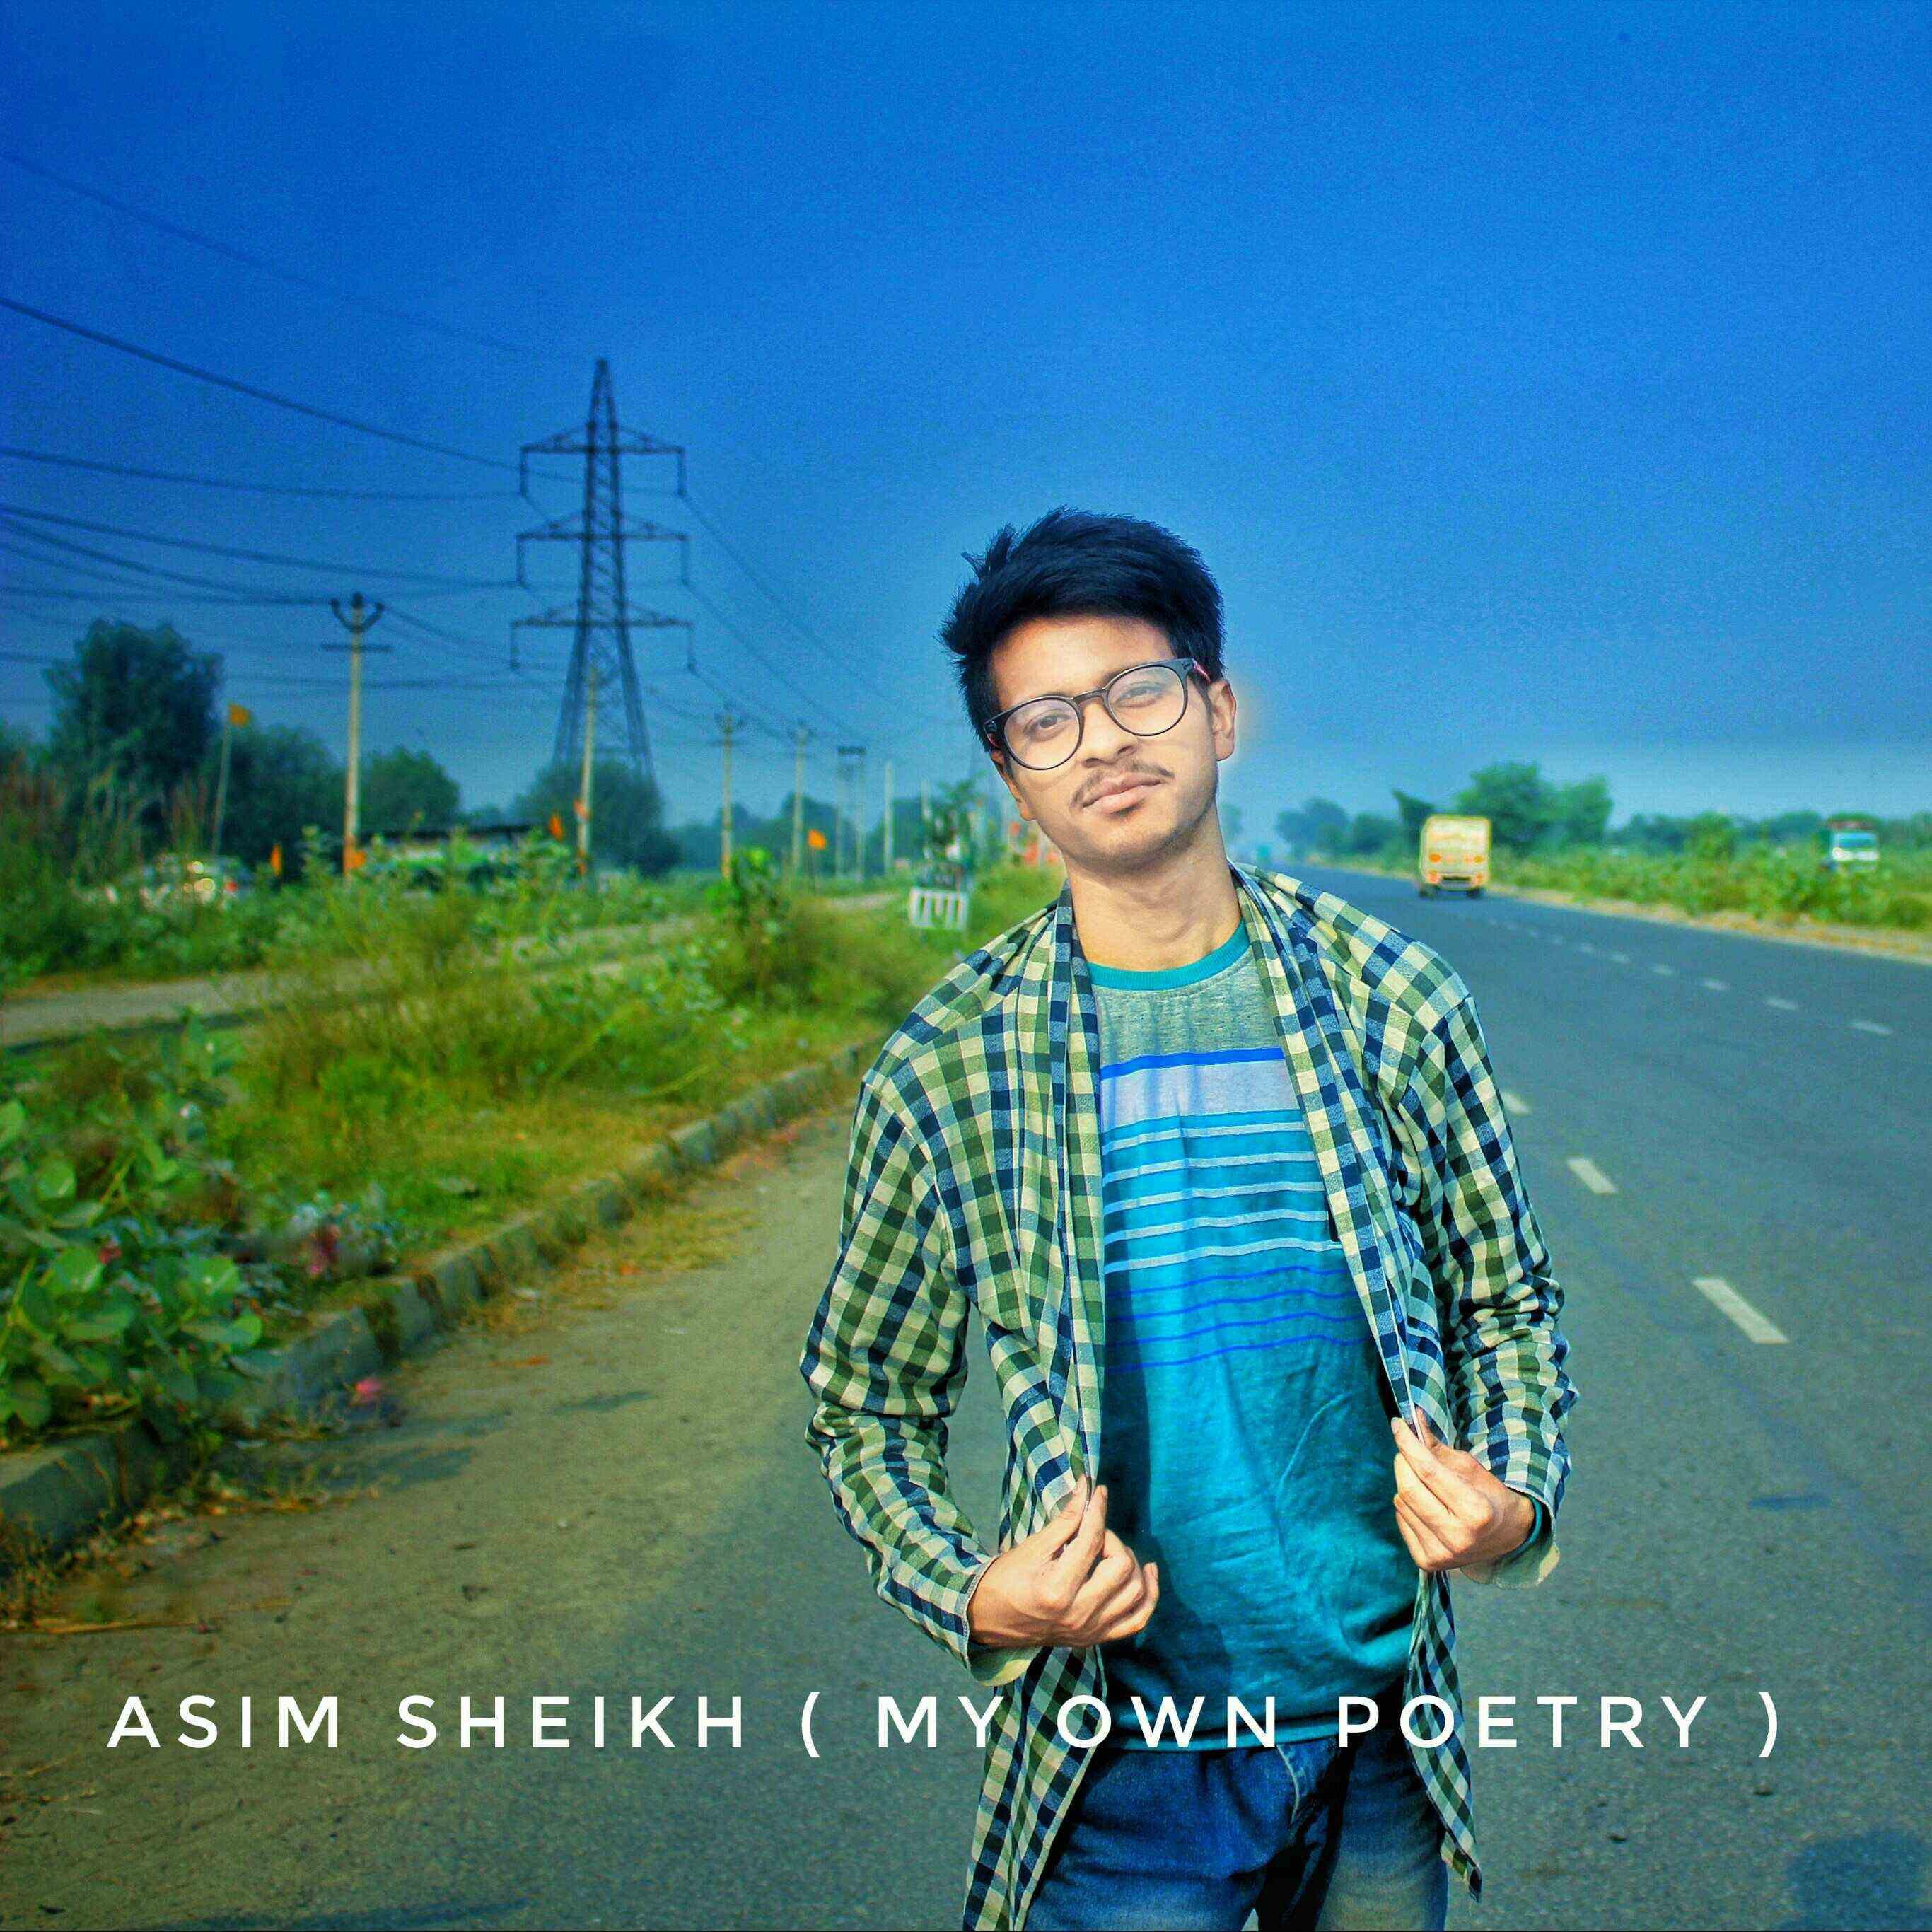 Asim Sheikh